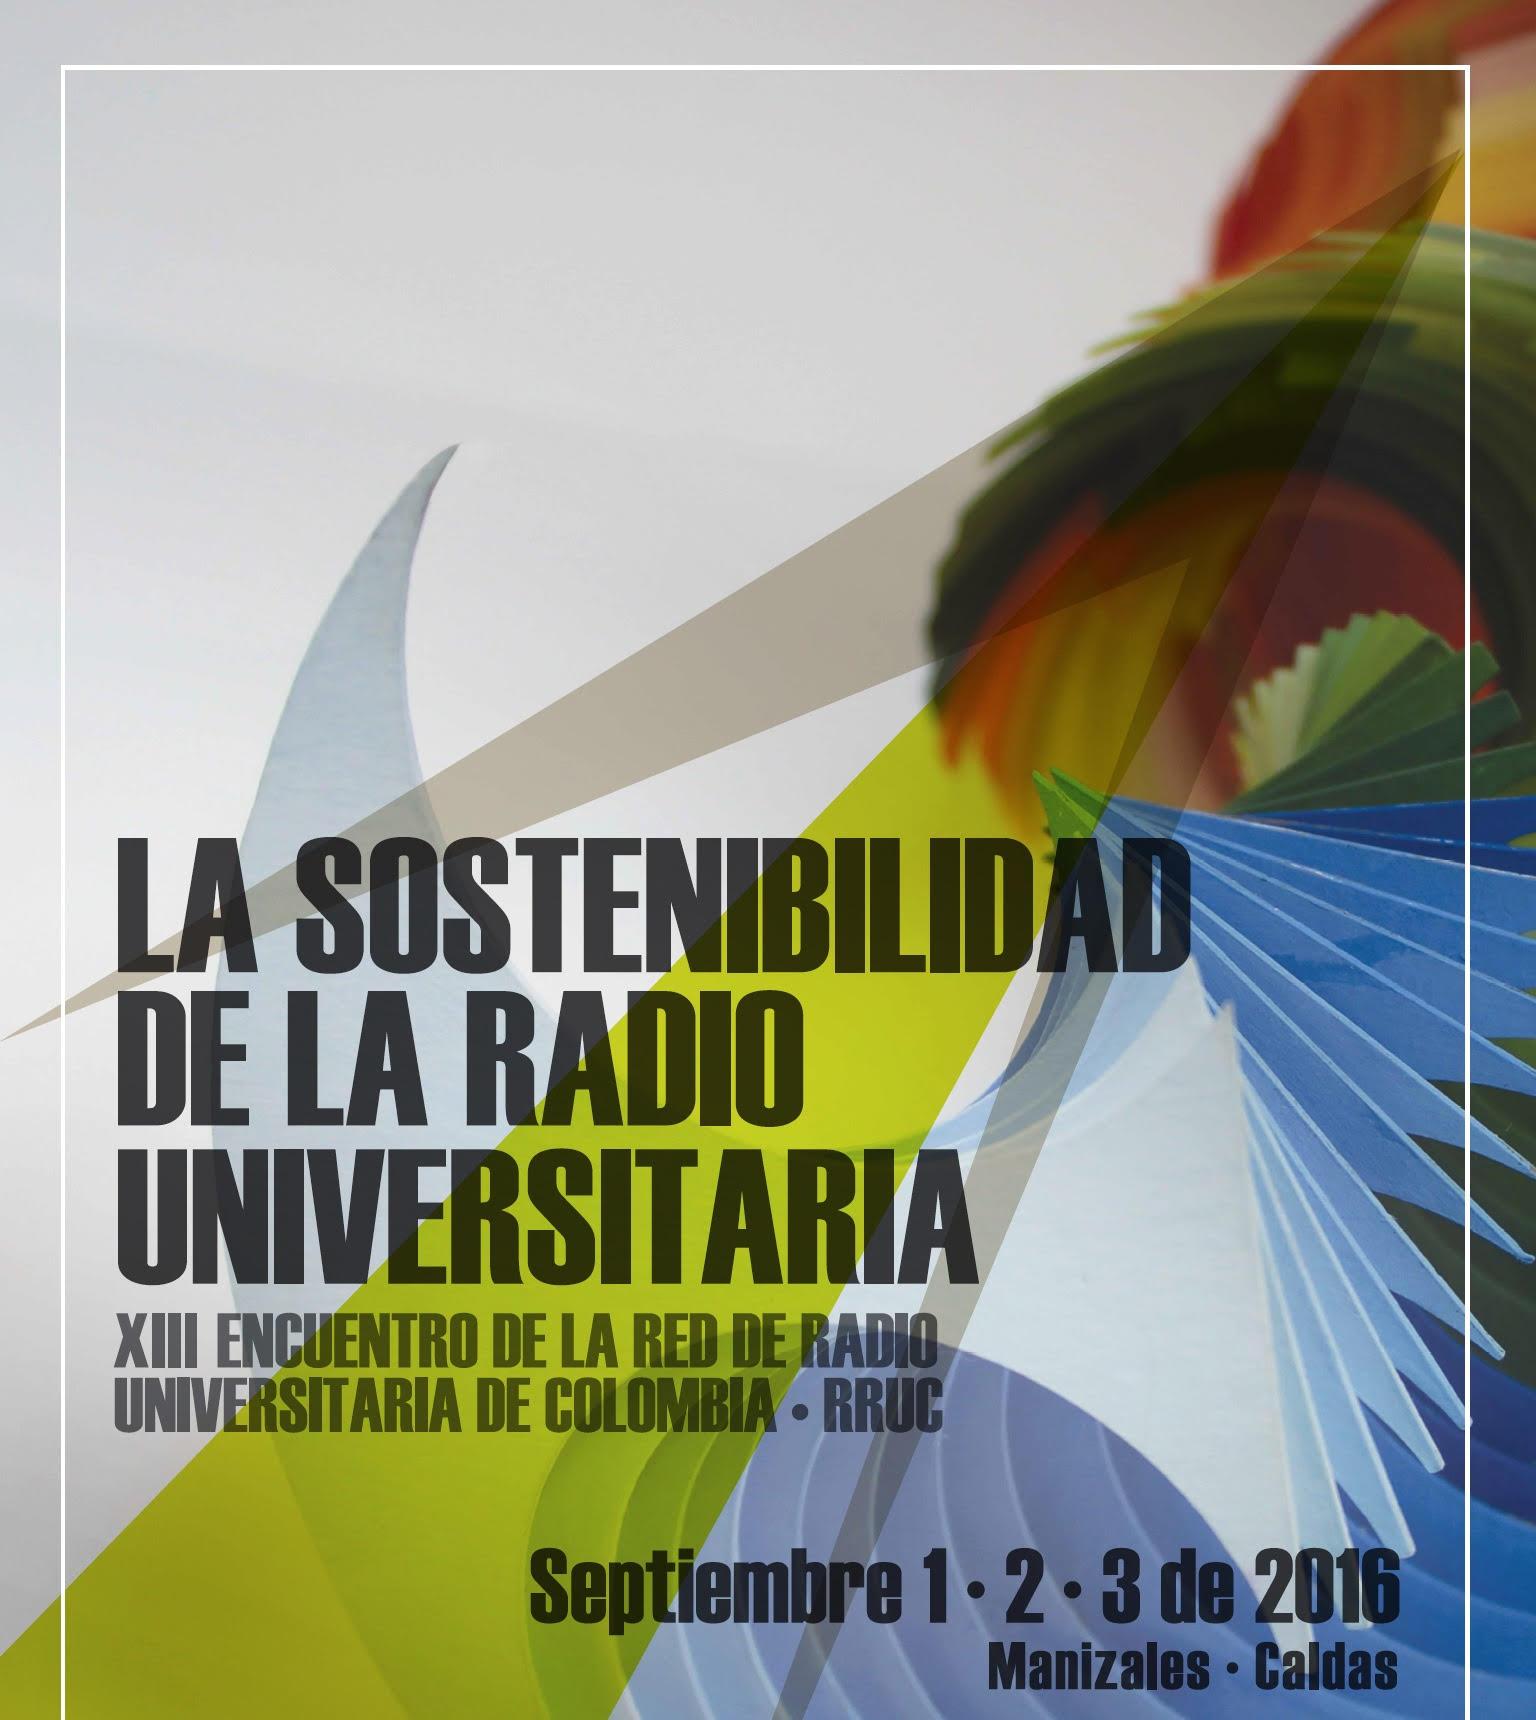 Radio Universitaria en Manizales como sede